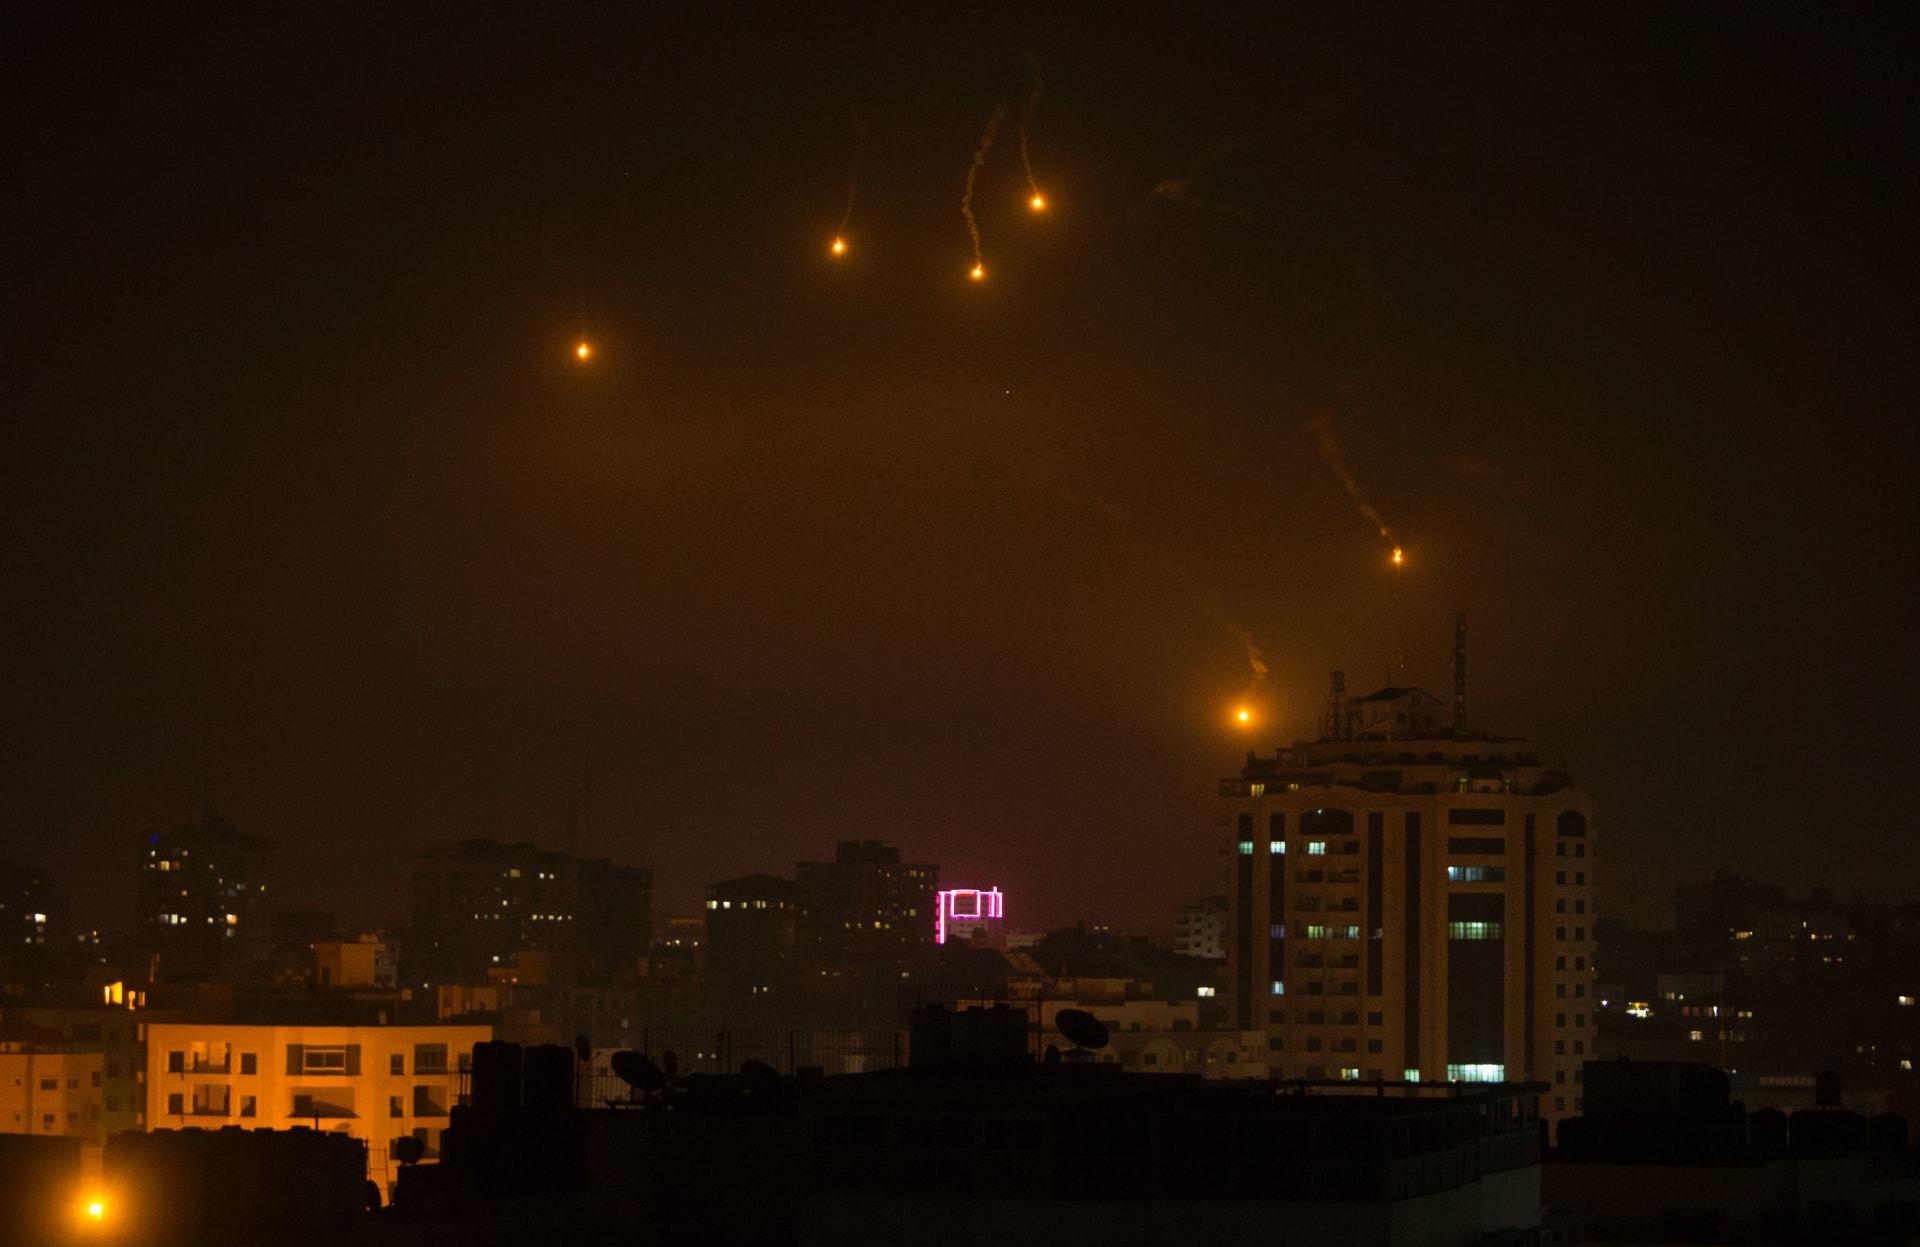 إسرائيل تعترض أكثر من 25 قذيفة من غزة